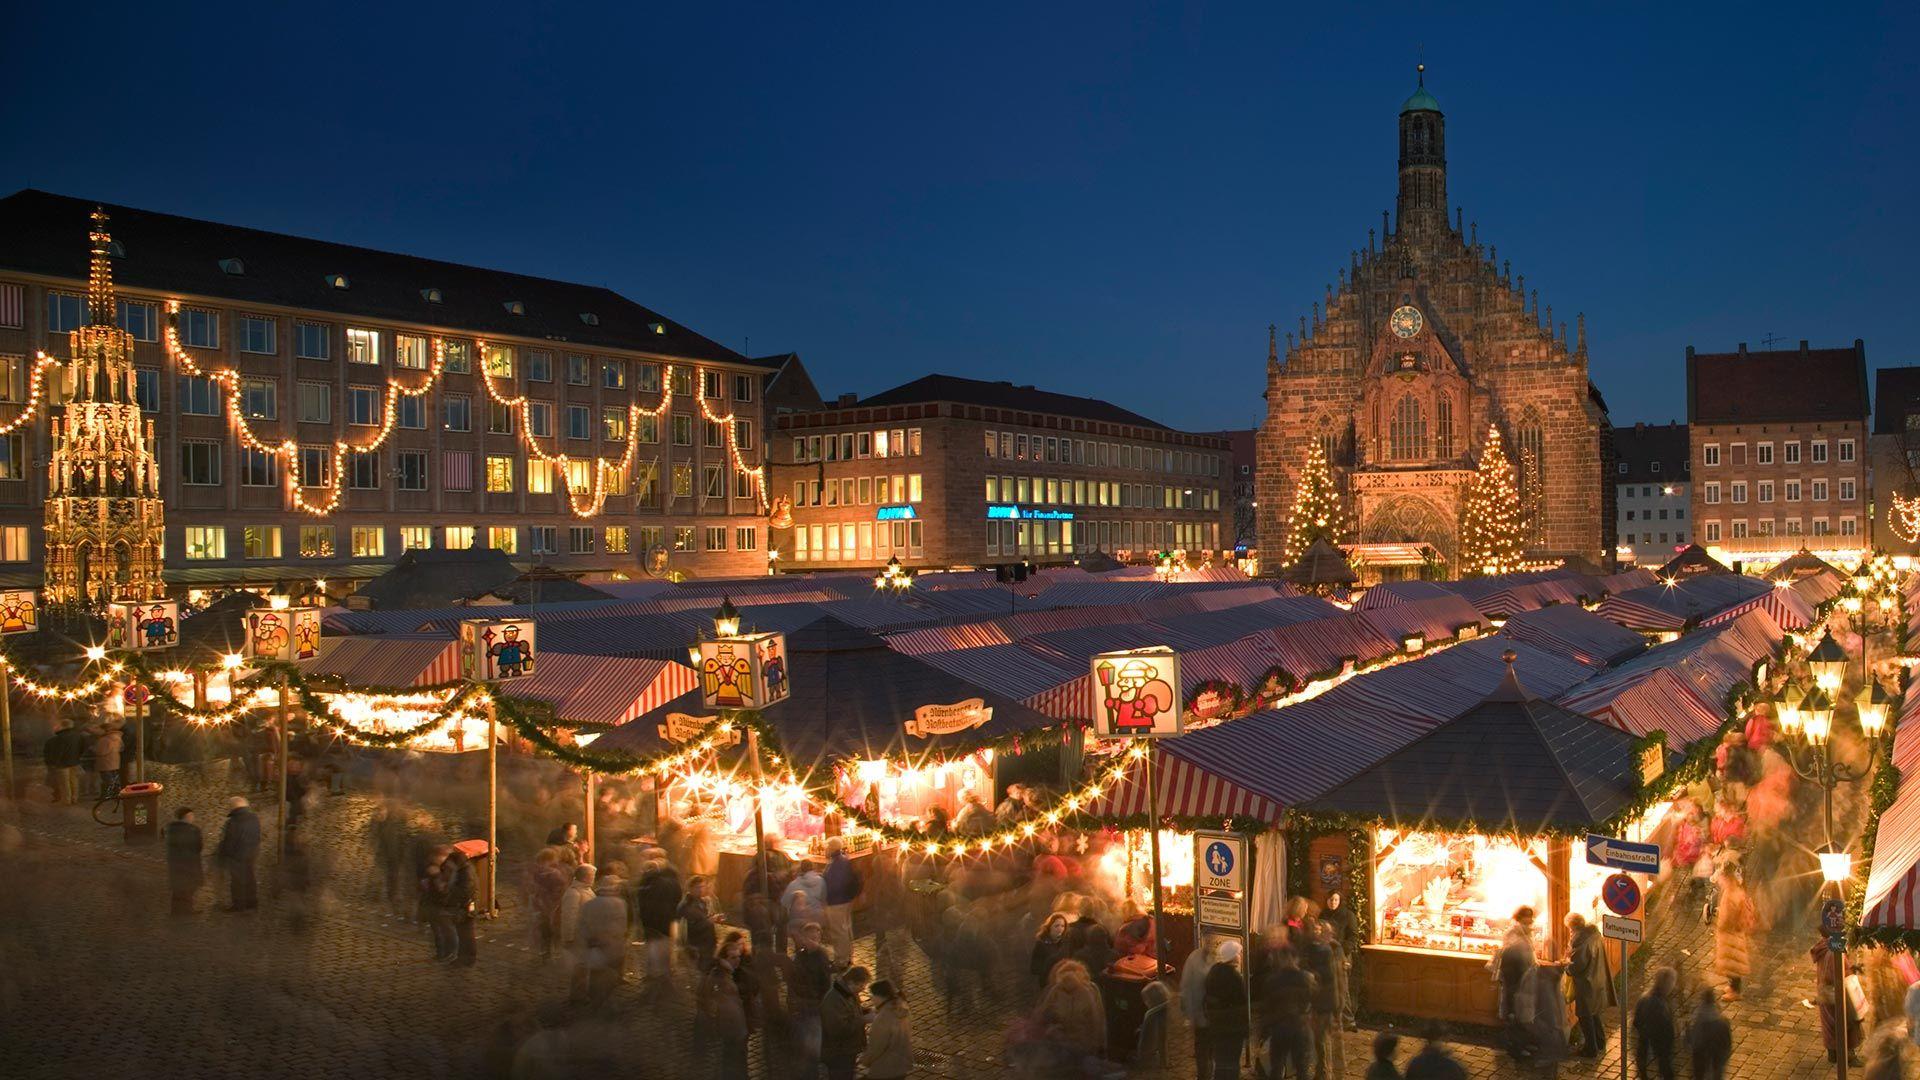 11月29日 クリスマスマーケット クリスマスマーケット 写真